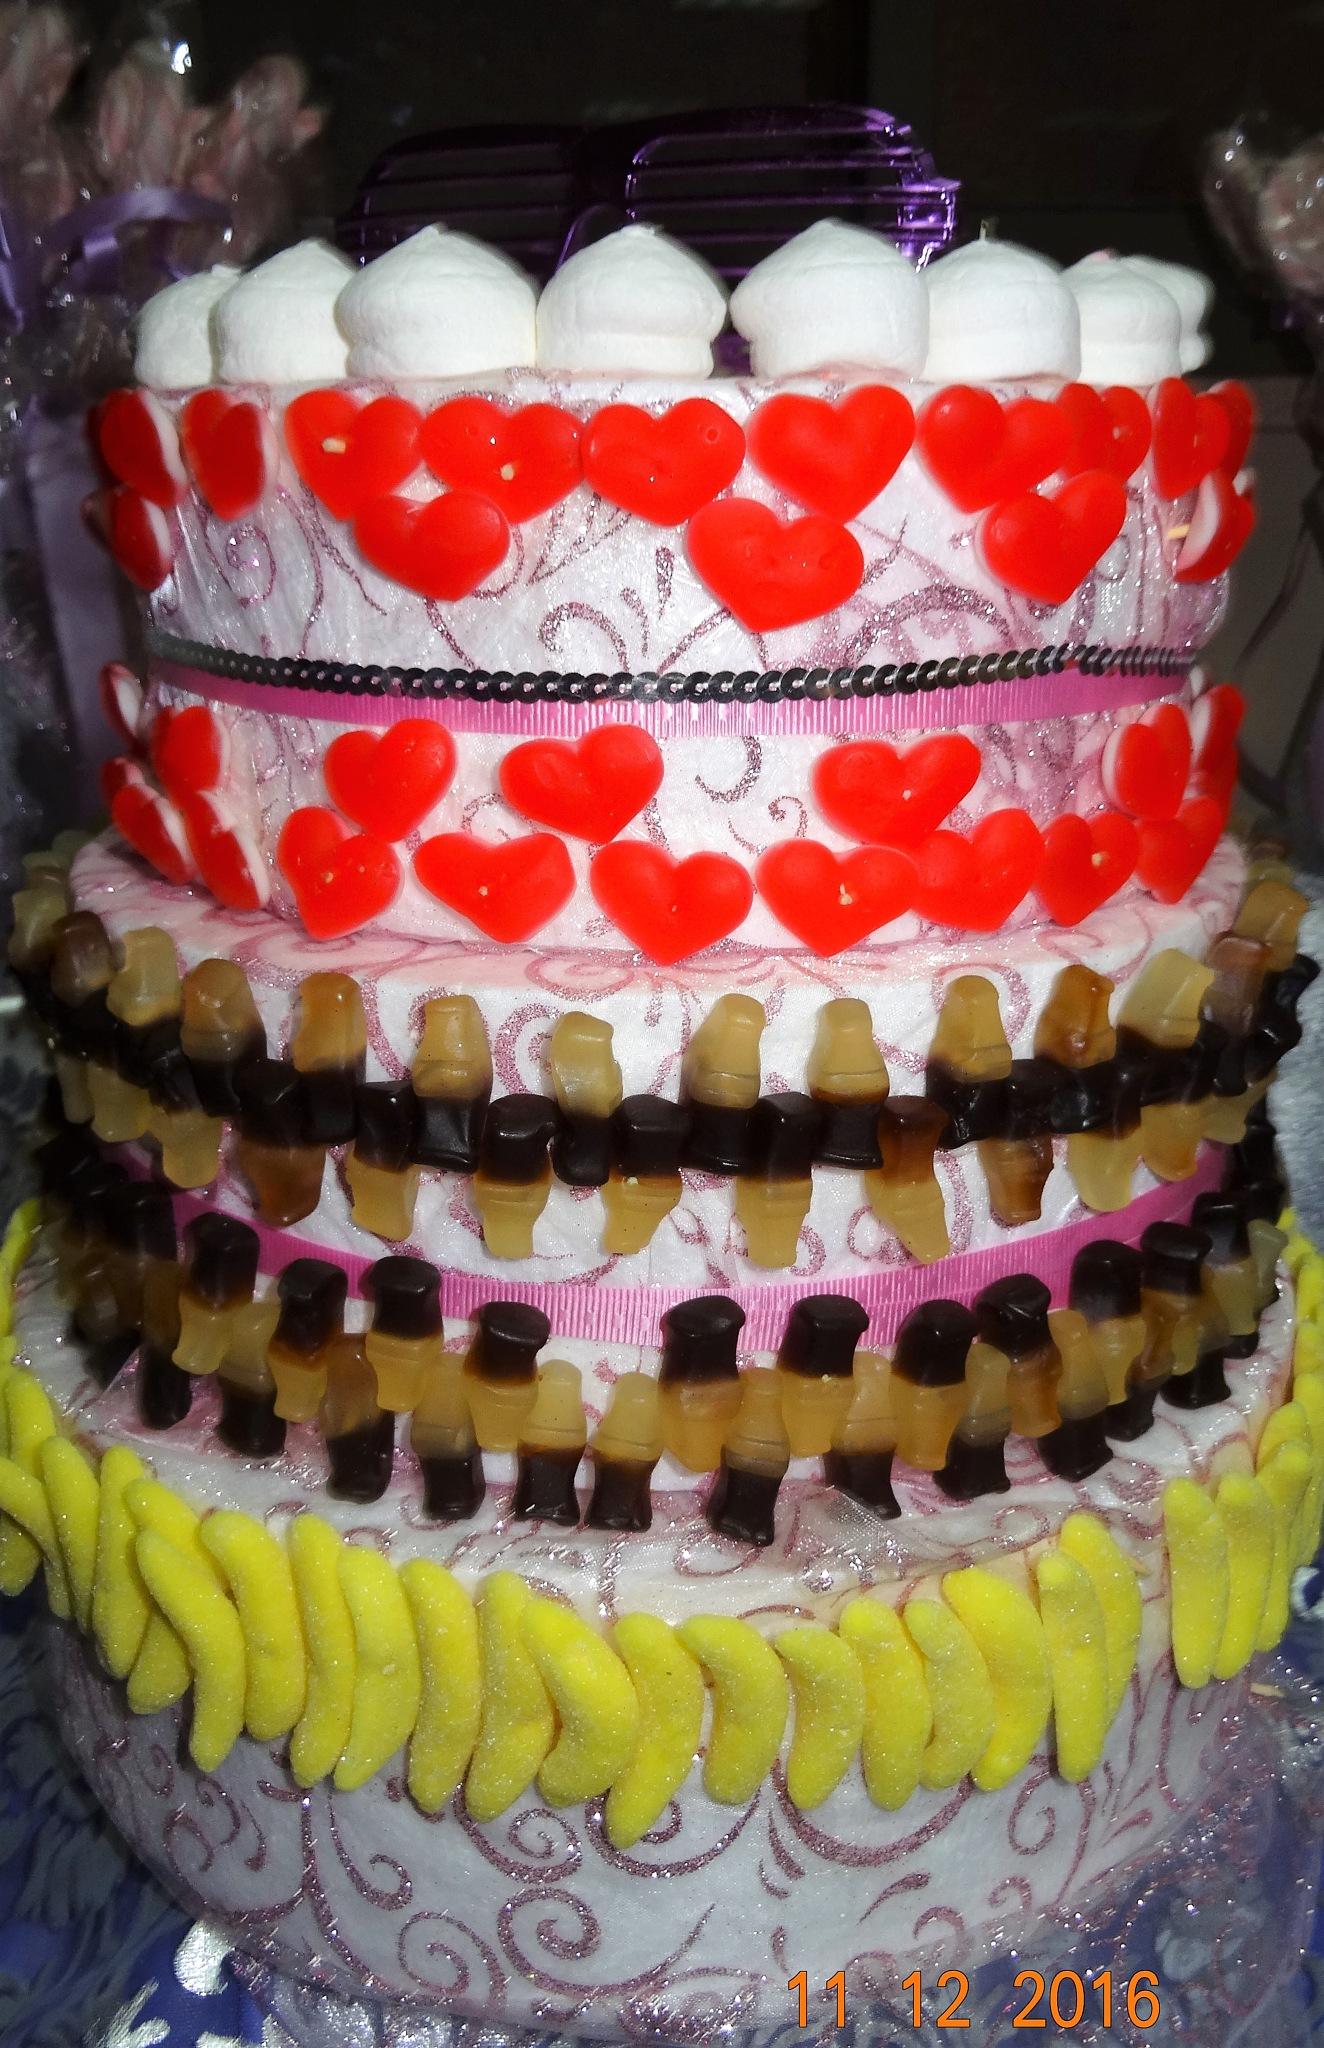 Sweet Cake by Francine Waterman